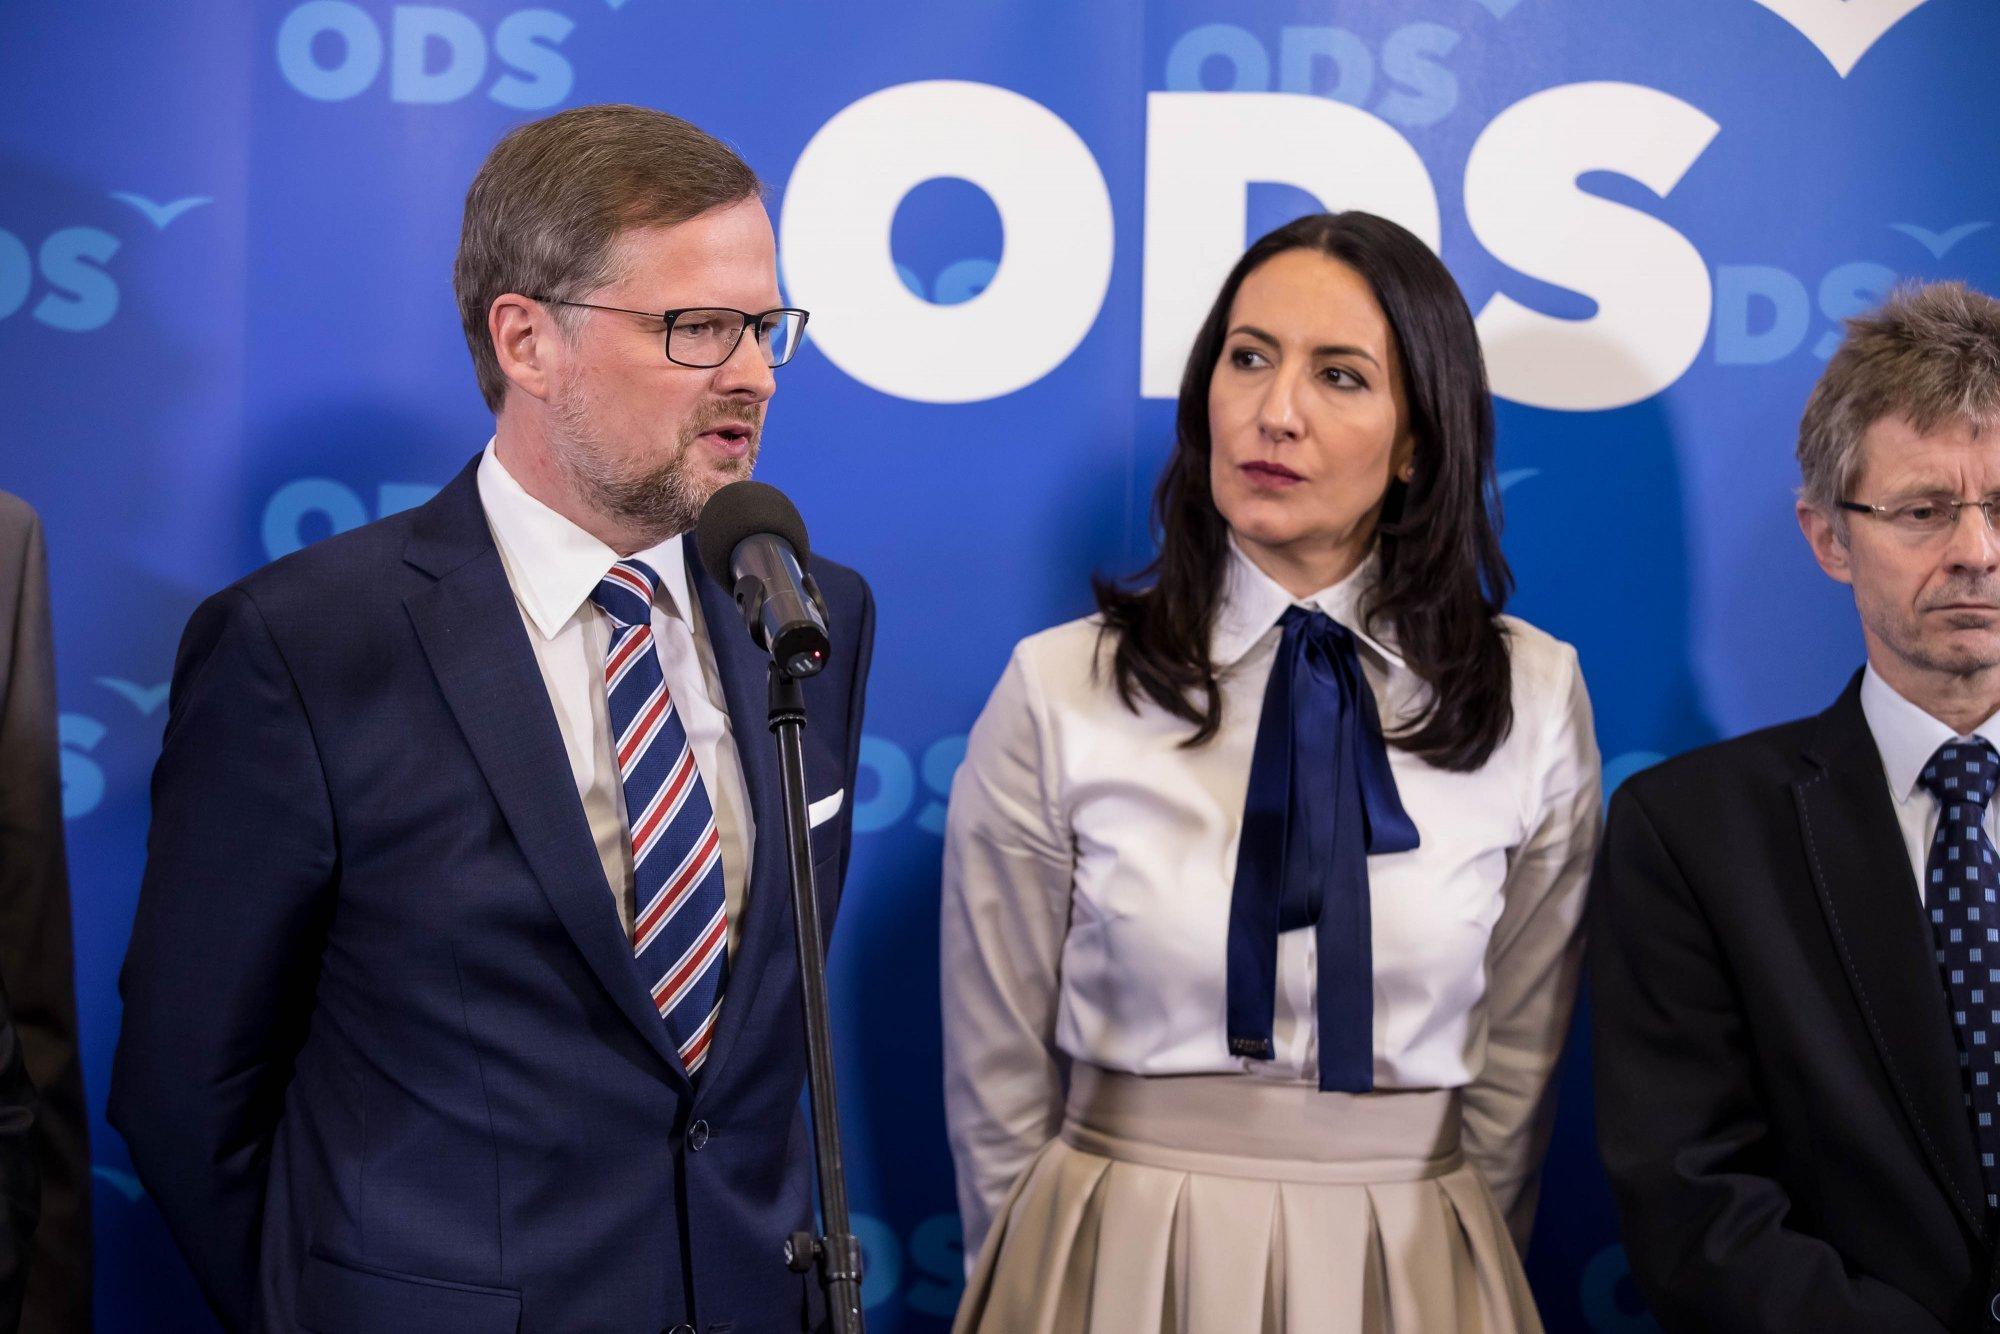 ODS: O snižování daní a byrokracie vláda hnutí ANO jenom mluví. Odmítnutím našich návrhů nadbíhá komunistům a ČSSD